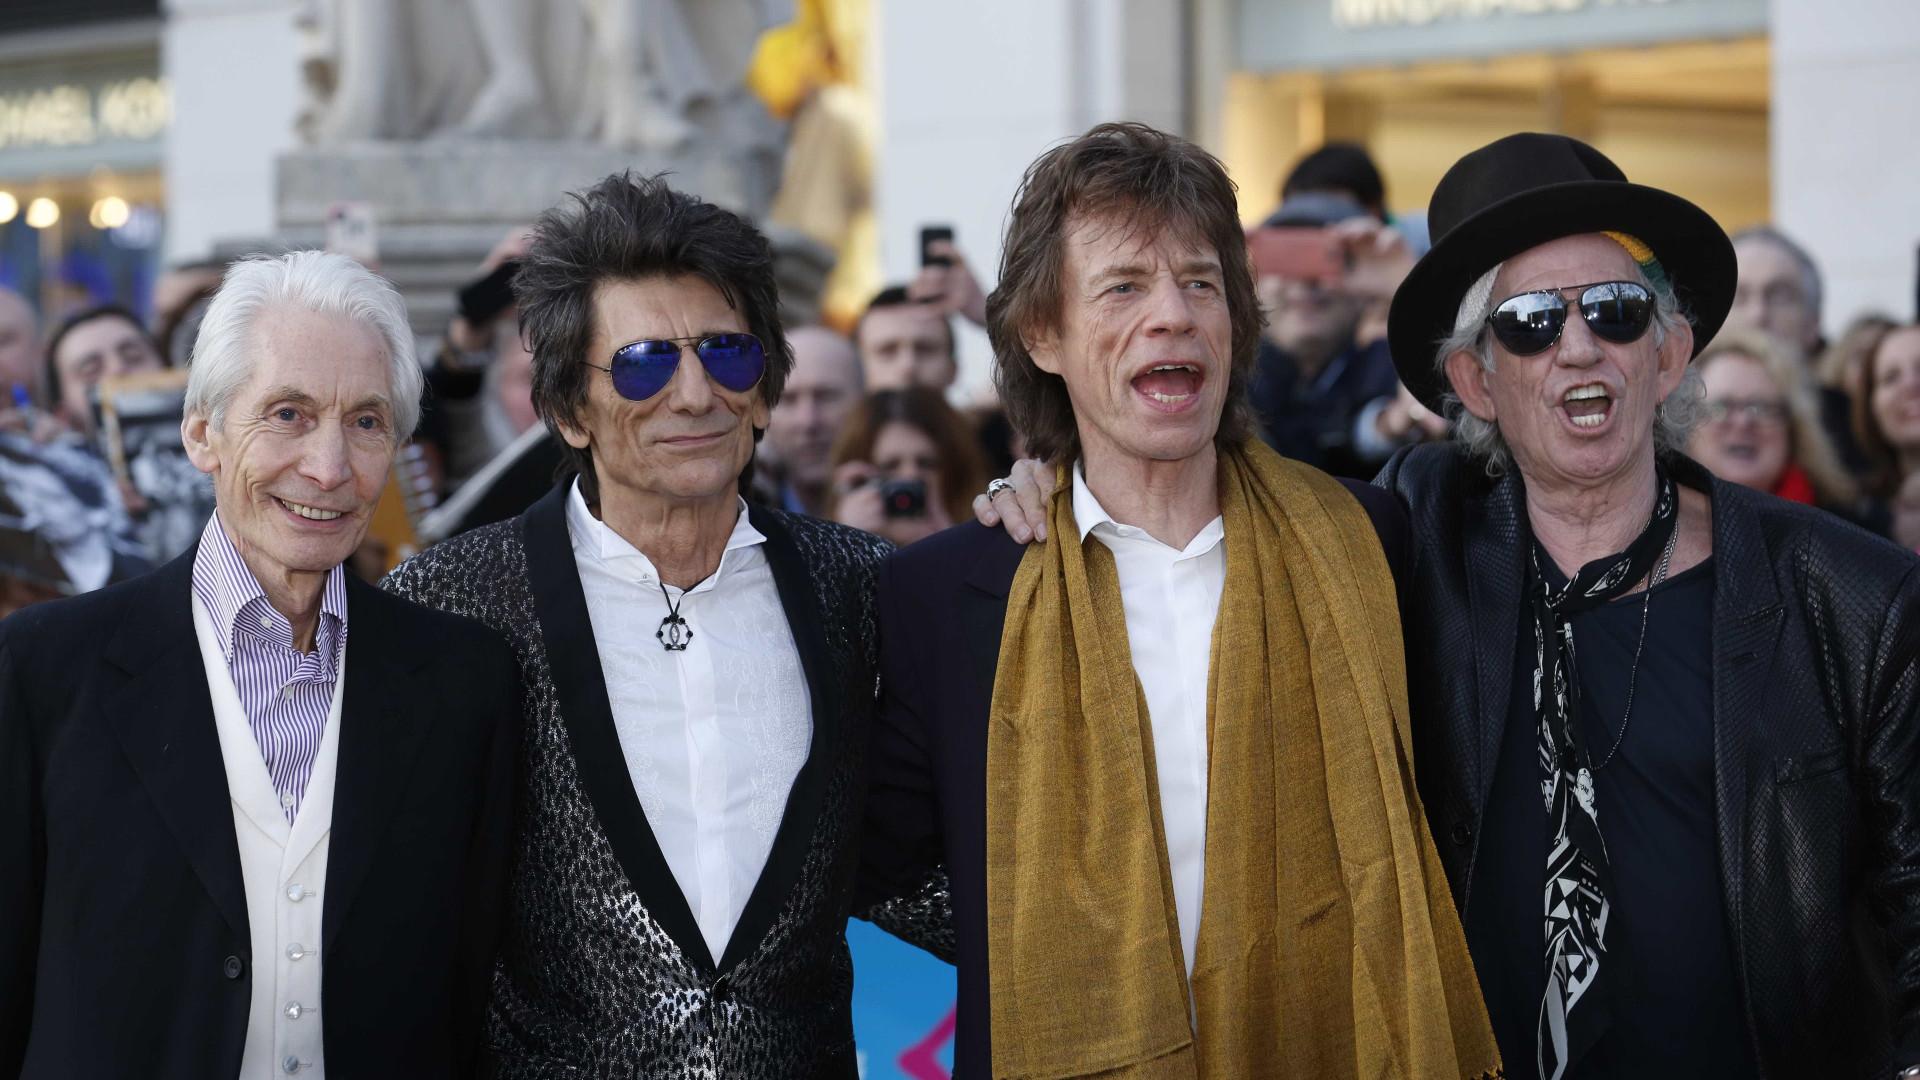 Mick Jagger critica reforma judicial polaca num concerto em Varsóvia